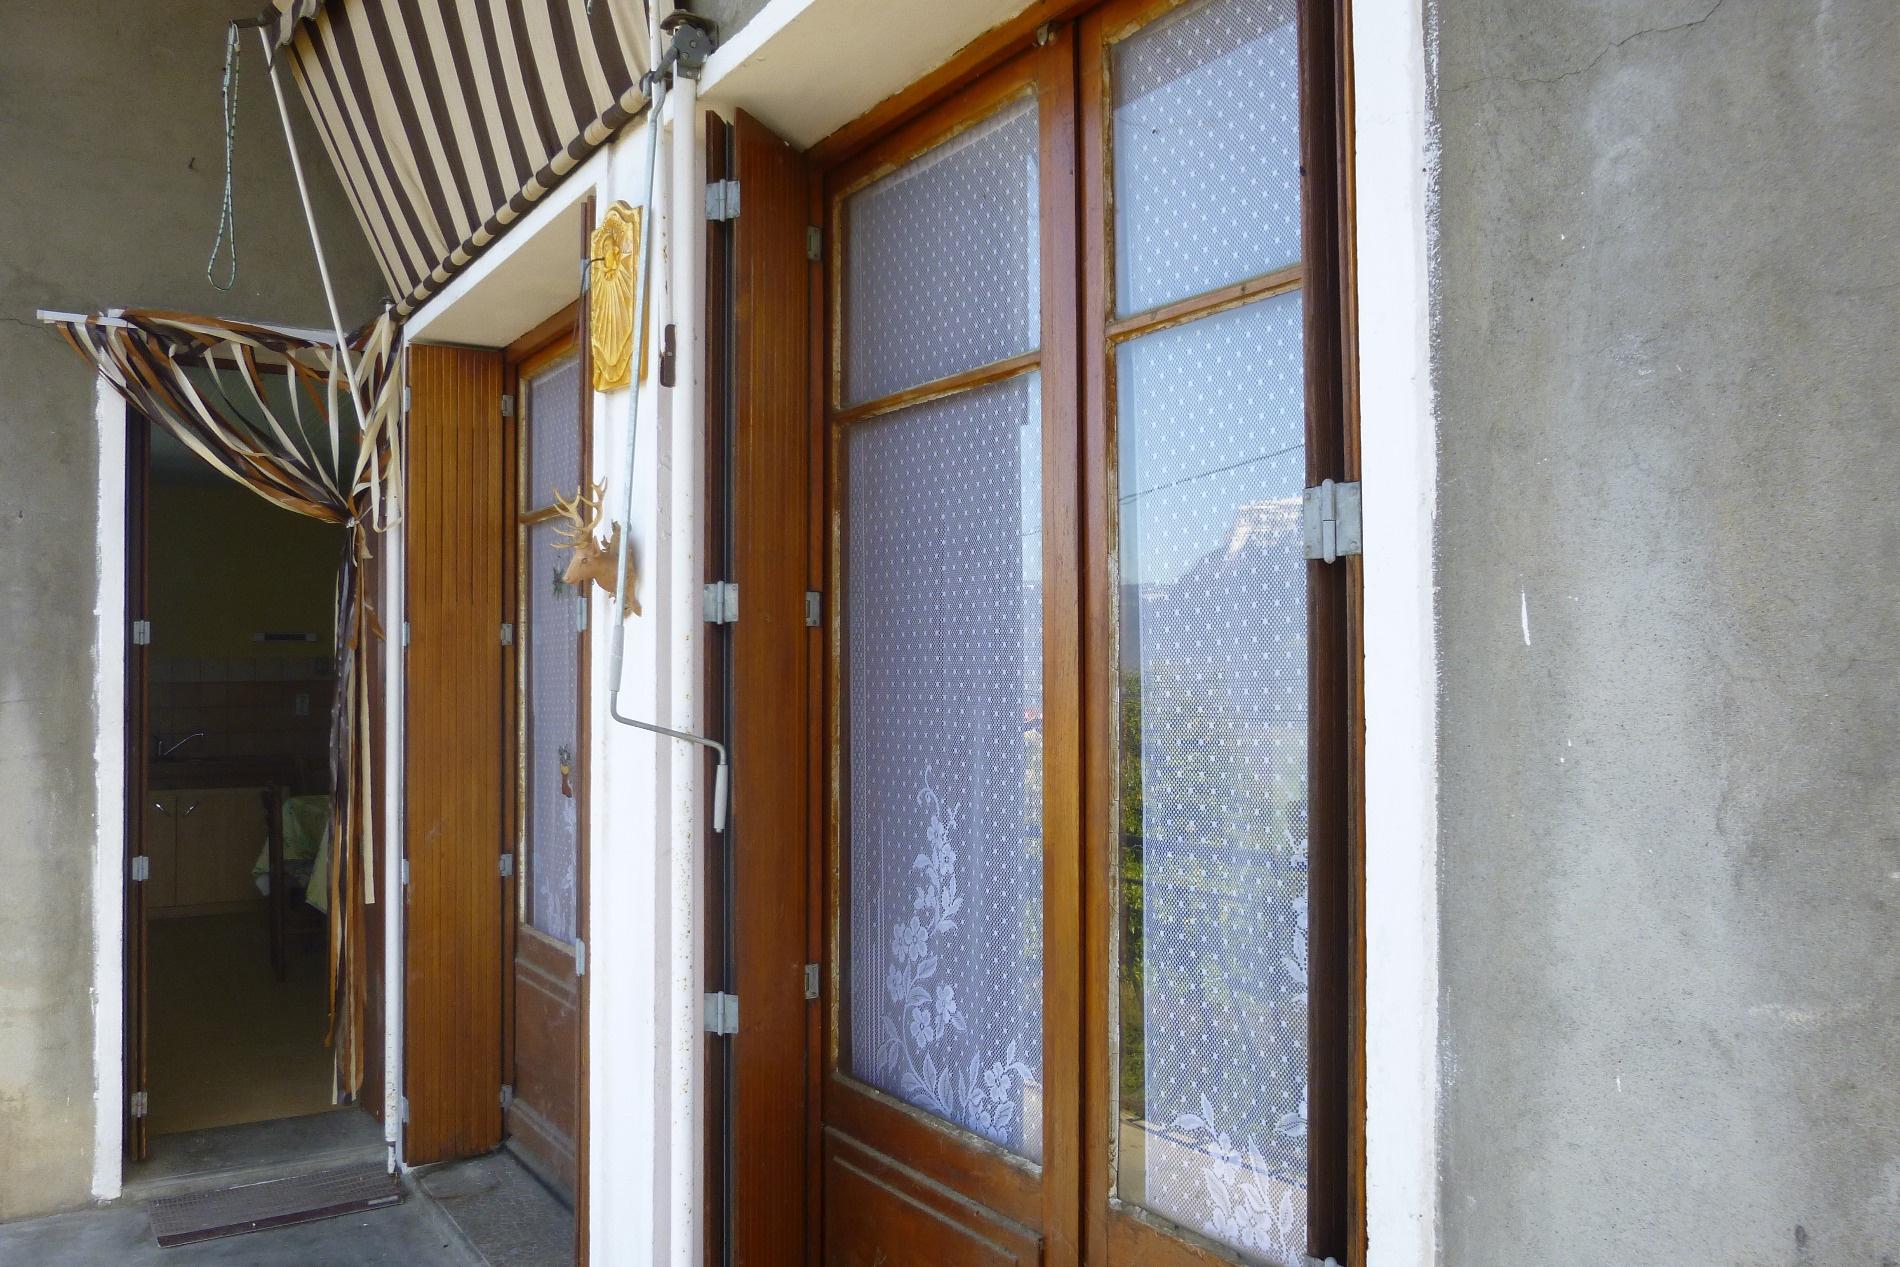 Annonce vente maison la chapelle blanche 73110 93 m for Assaut sur la maison blanche bande annonce